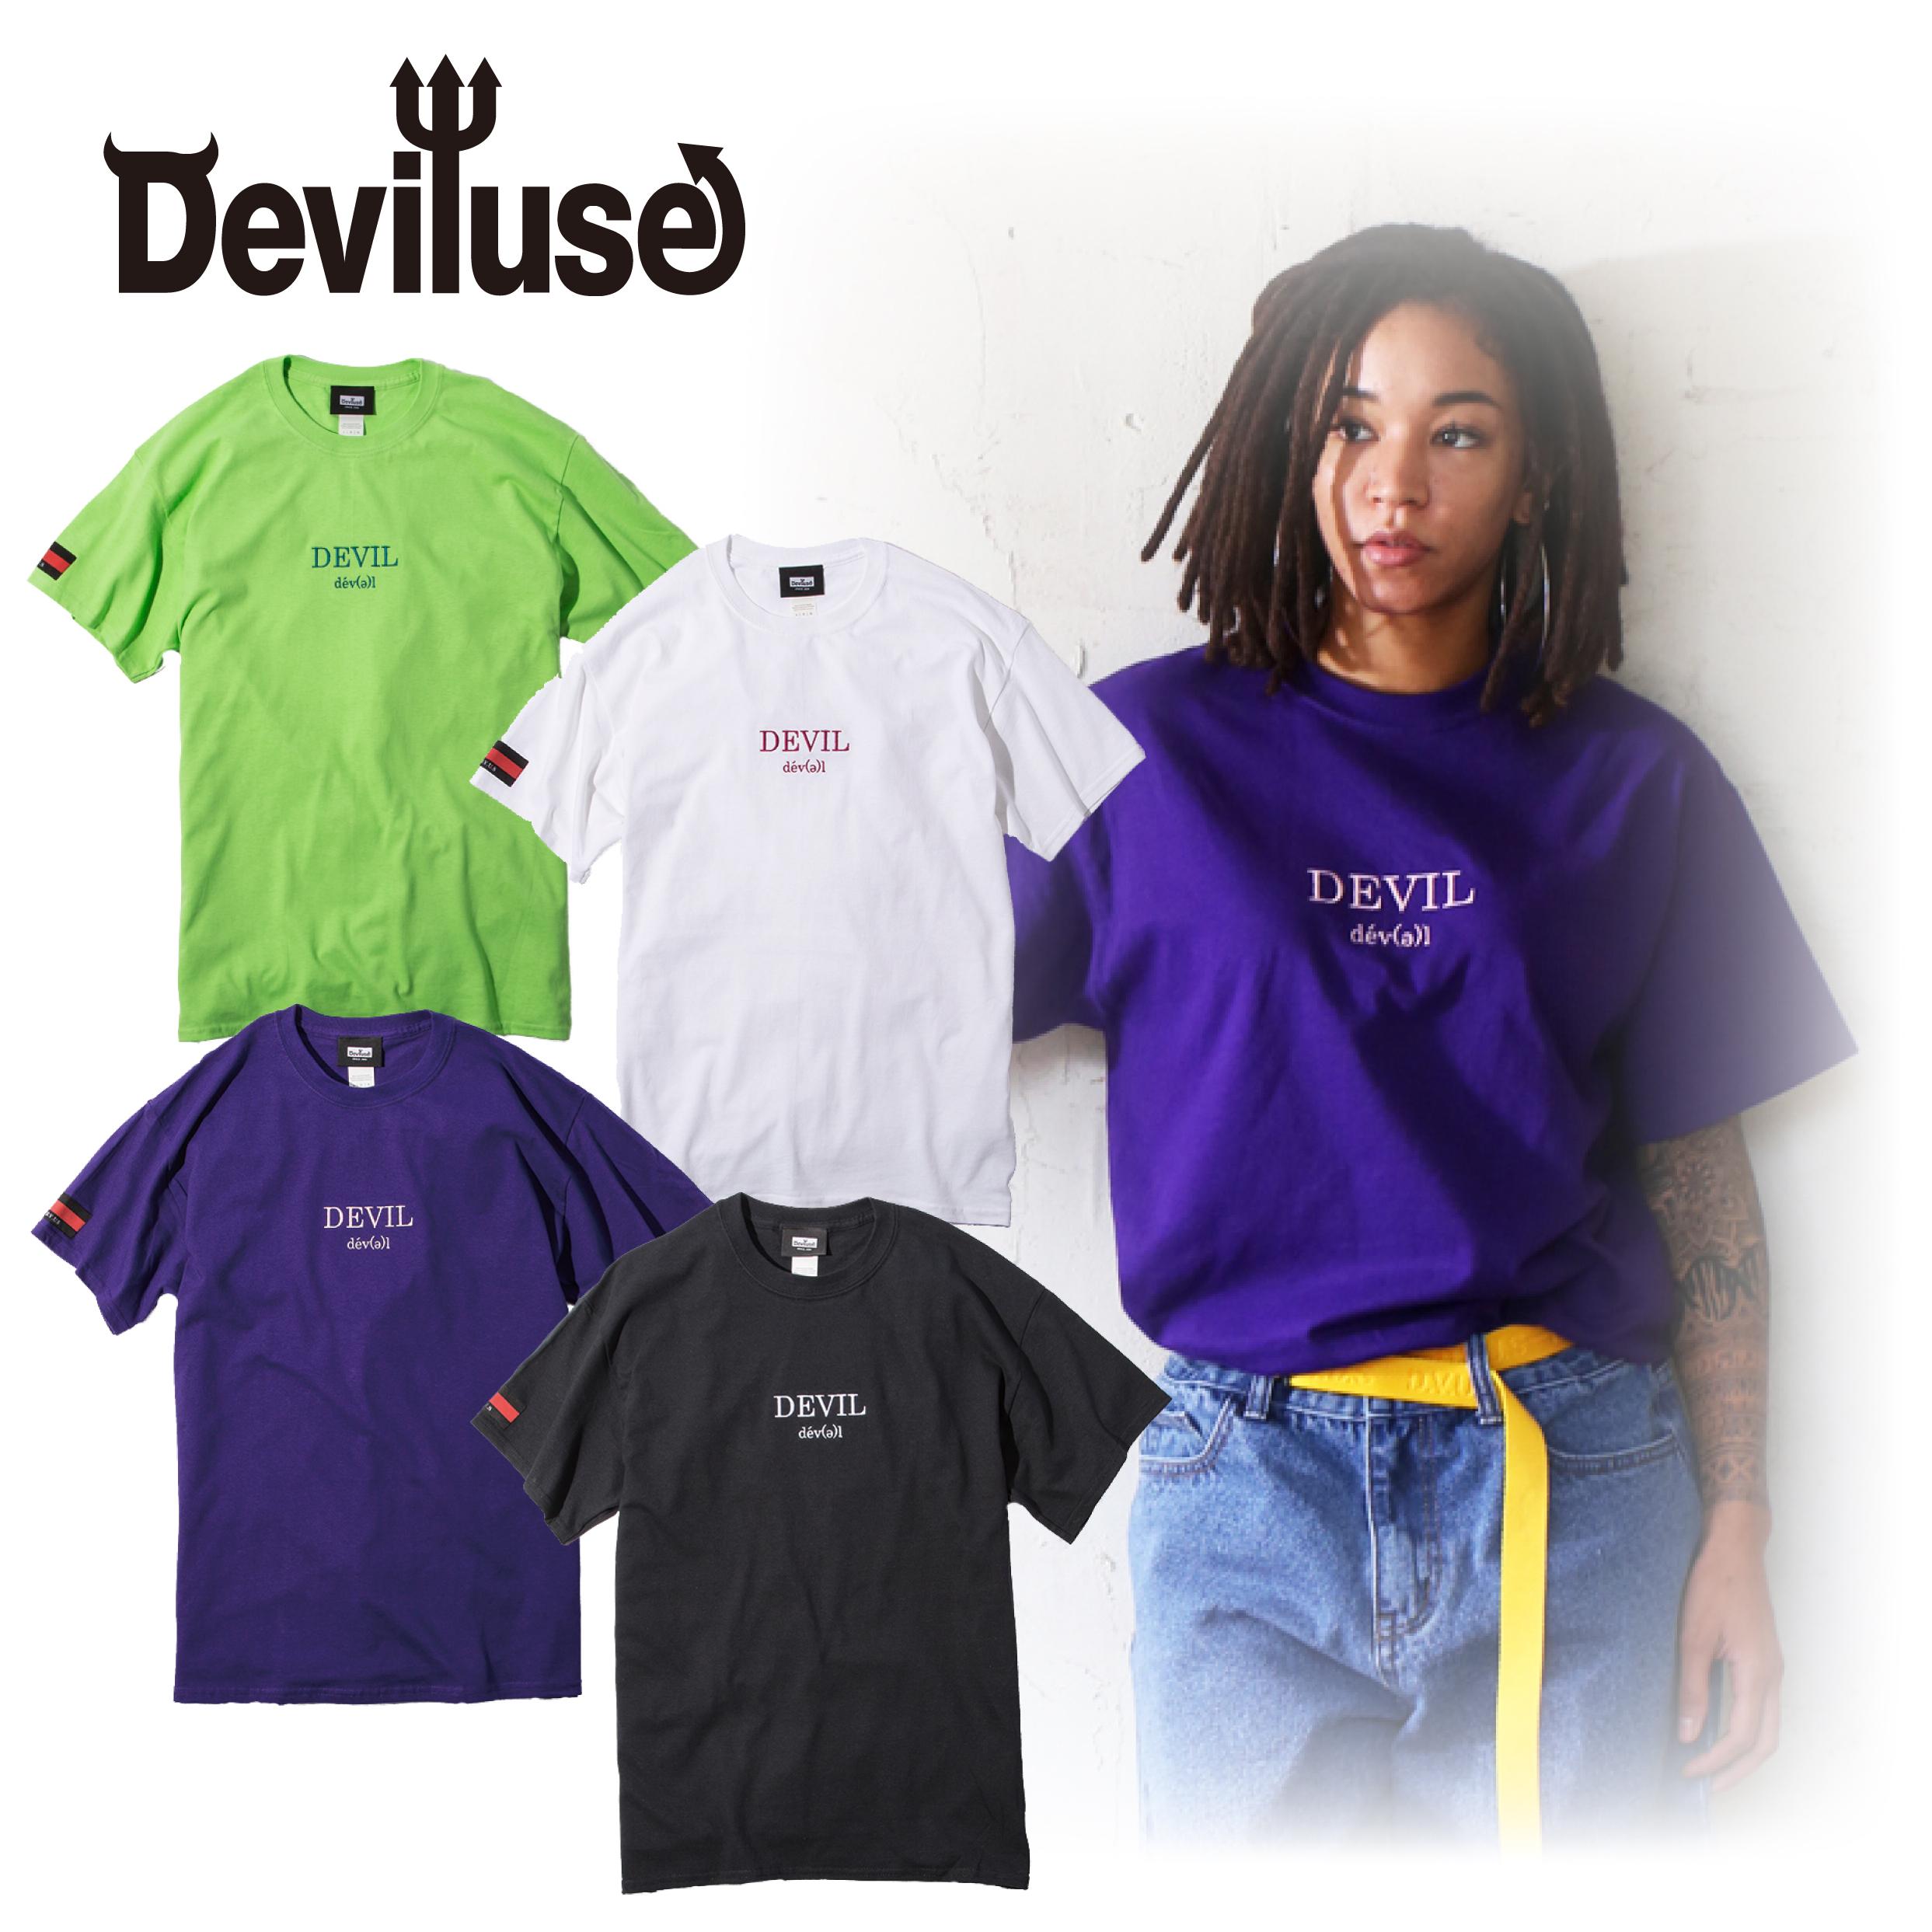 Deviluse(デビルユース) | DEVIL T-shirts